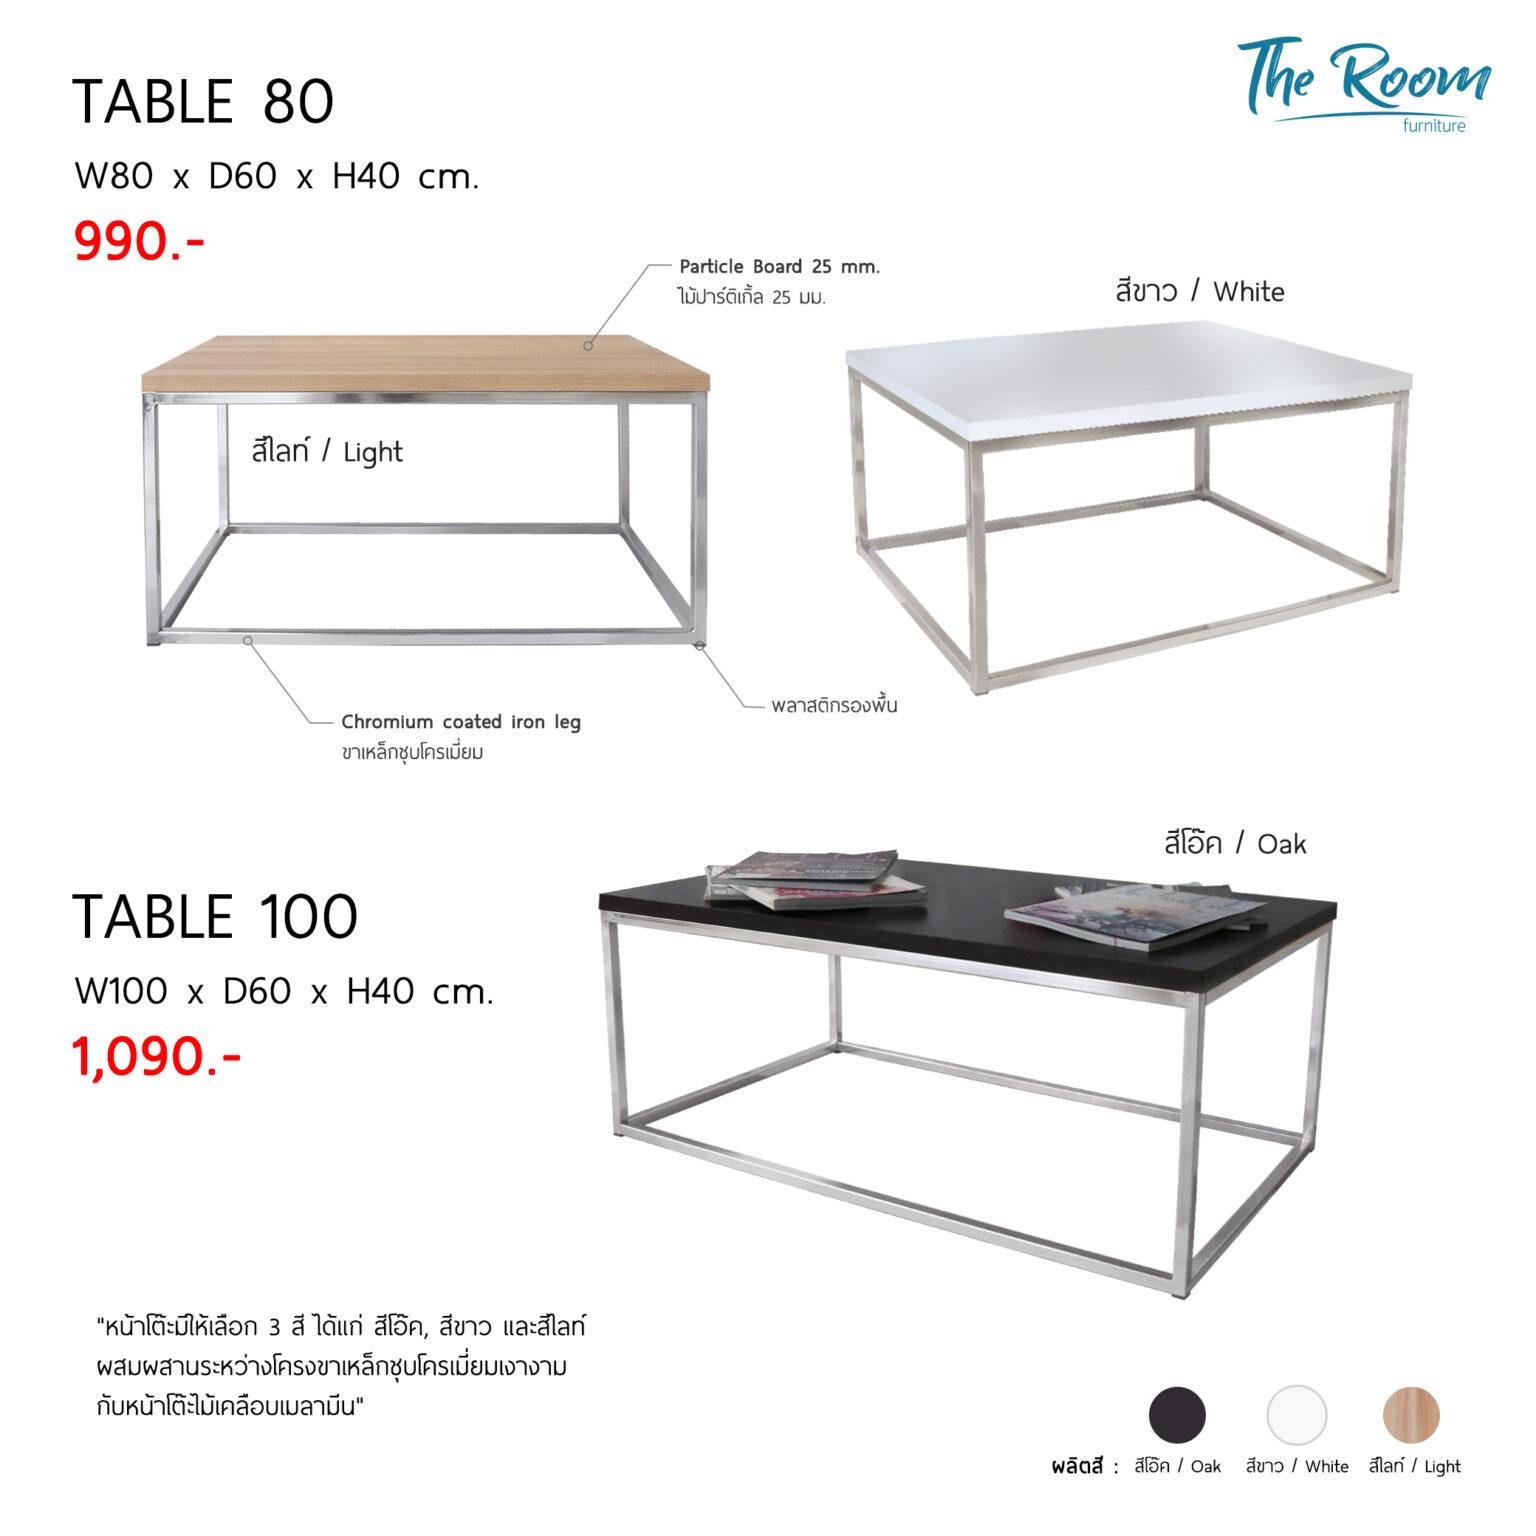 โต๊ะ TABLE 80-100 The Room Furniture